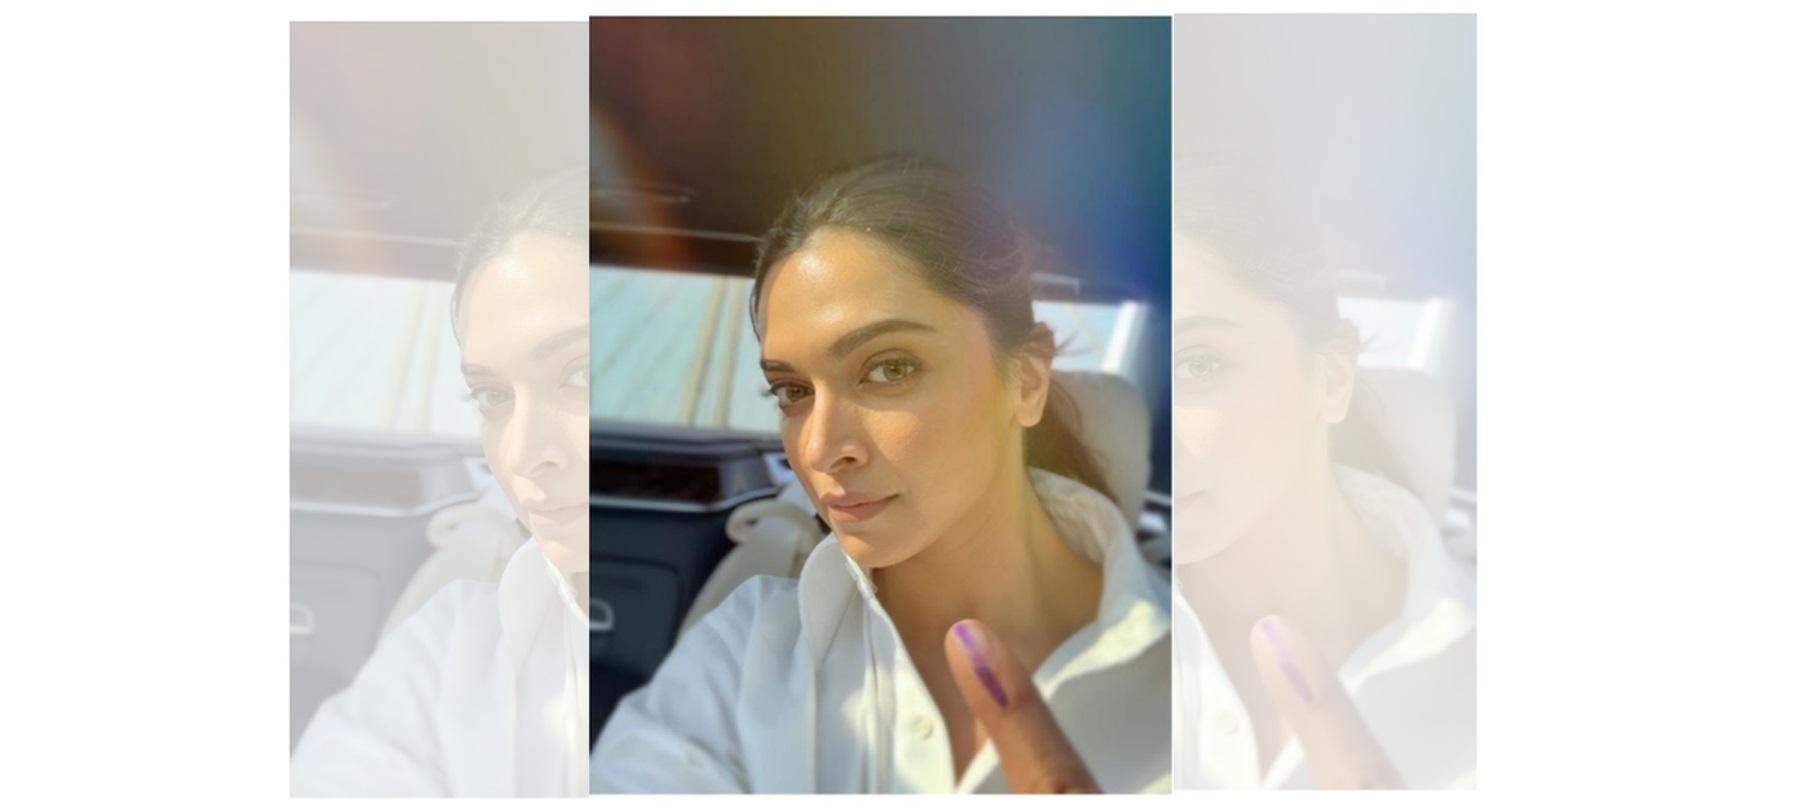 Deepika Padukone, Prakash Padukone, LS polls 2019, Mumbai, fourth phase, Denmark, Bengaluru, Chhapaak, Vikrant Massey, Meghna Gulzar